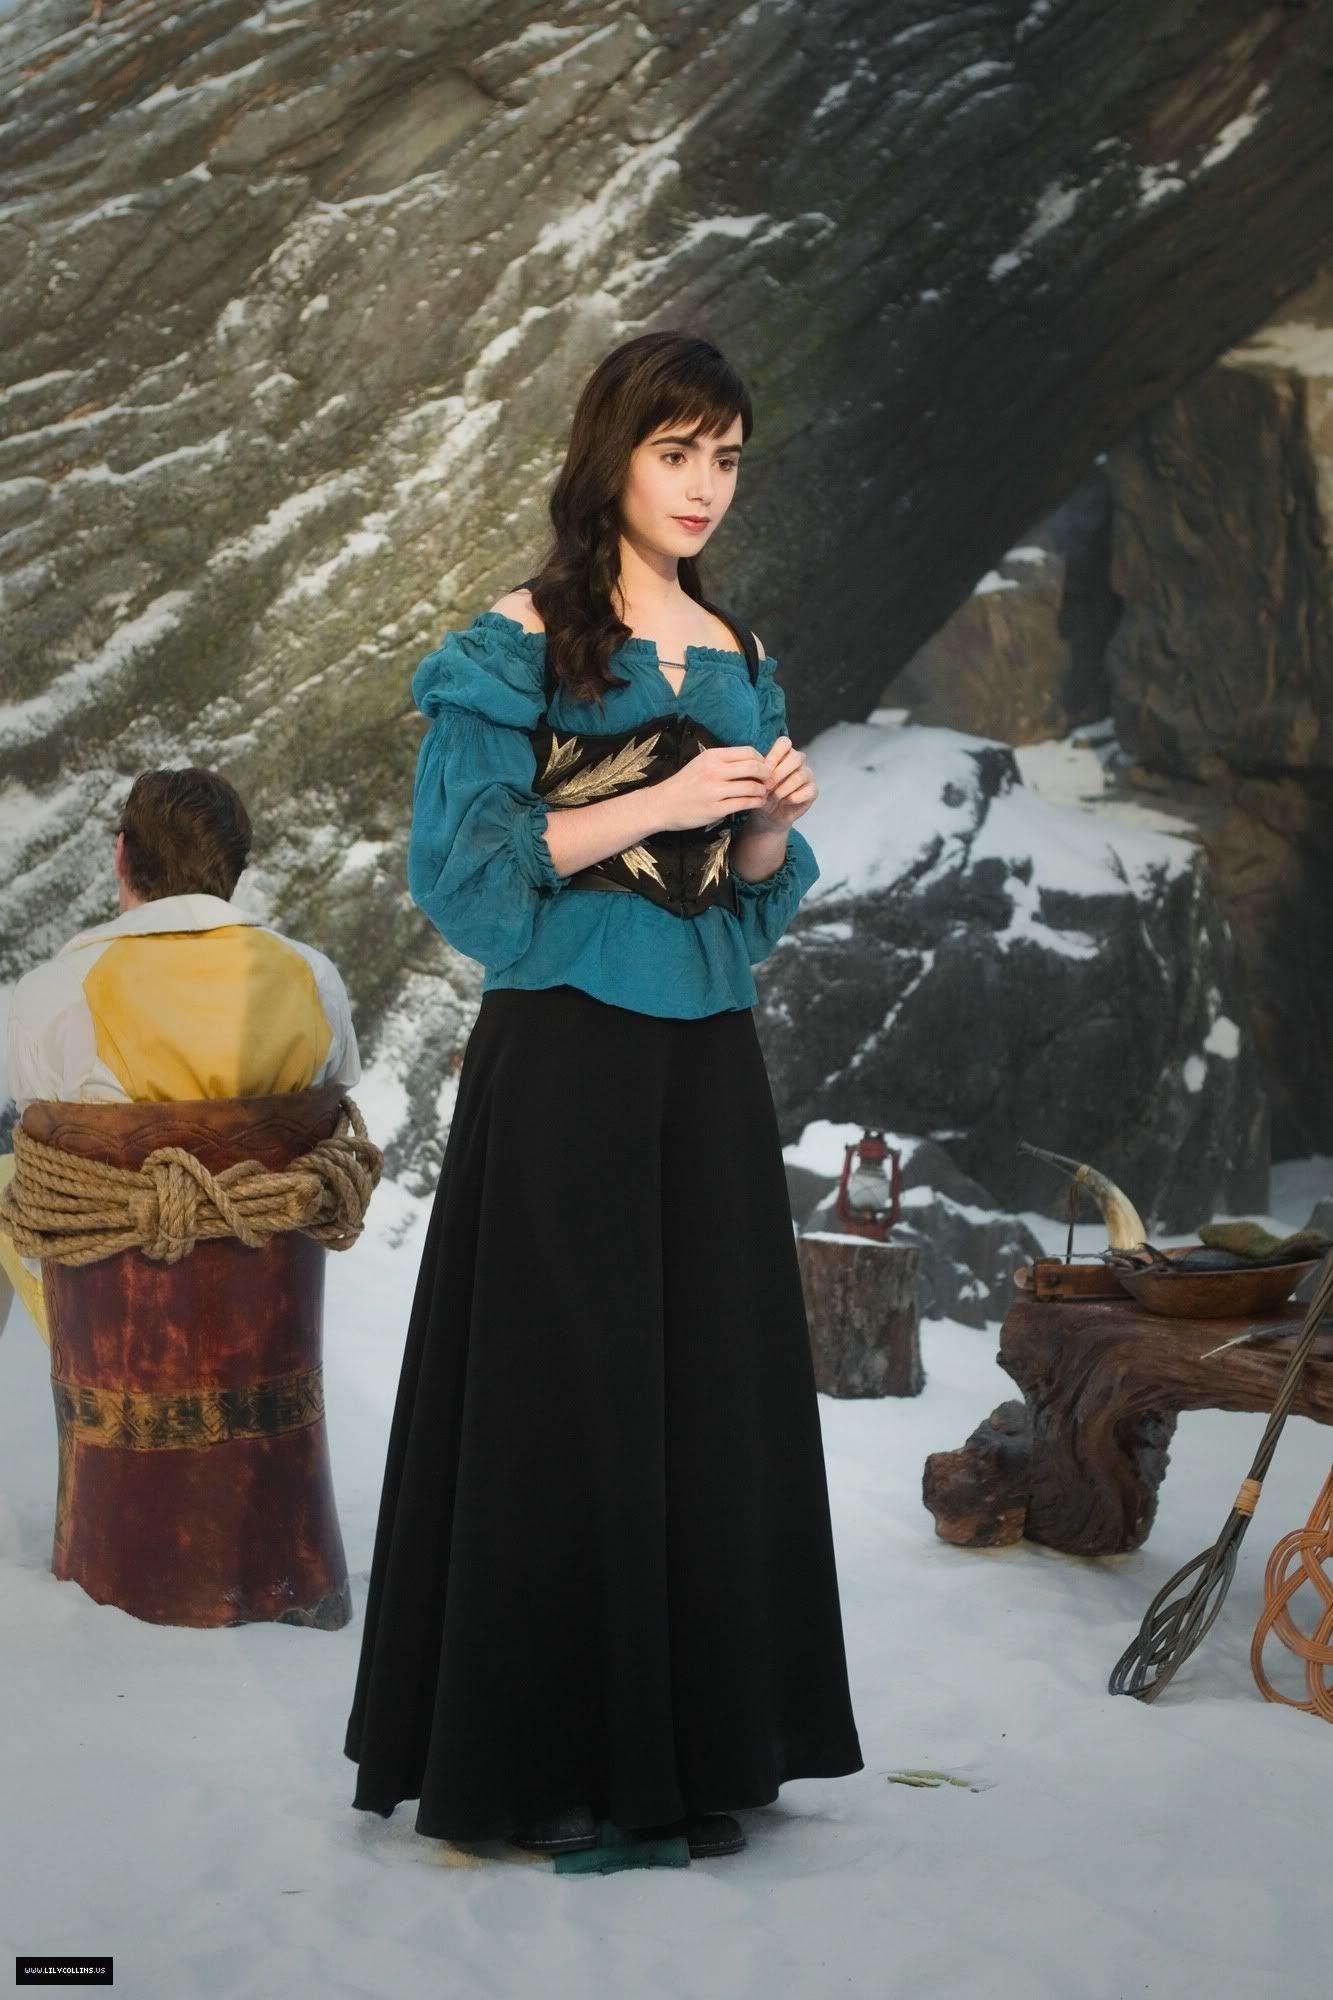 Lily Collins Snow White In Battle Attire